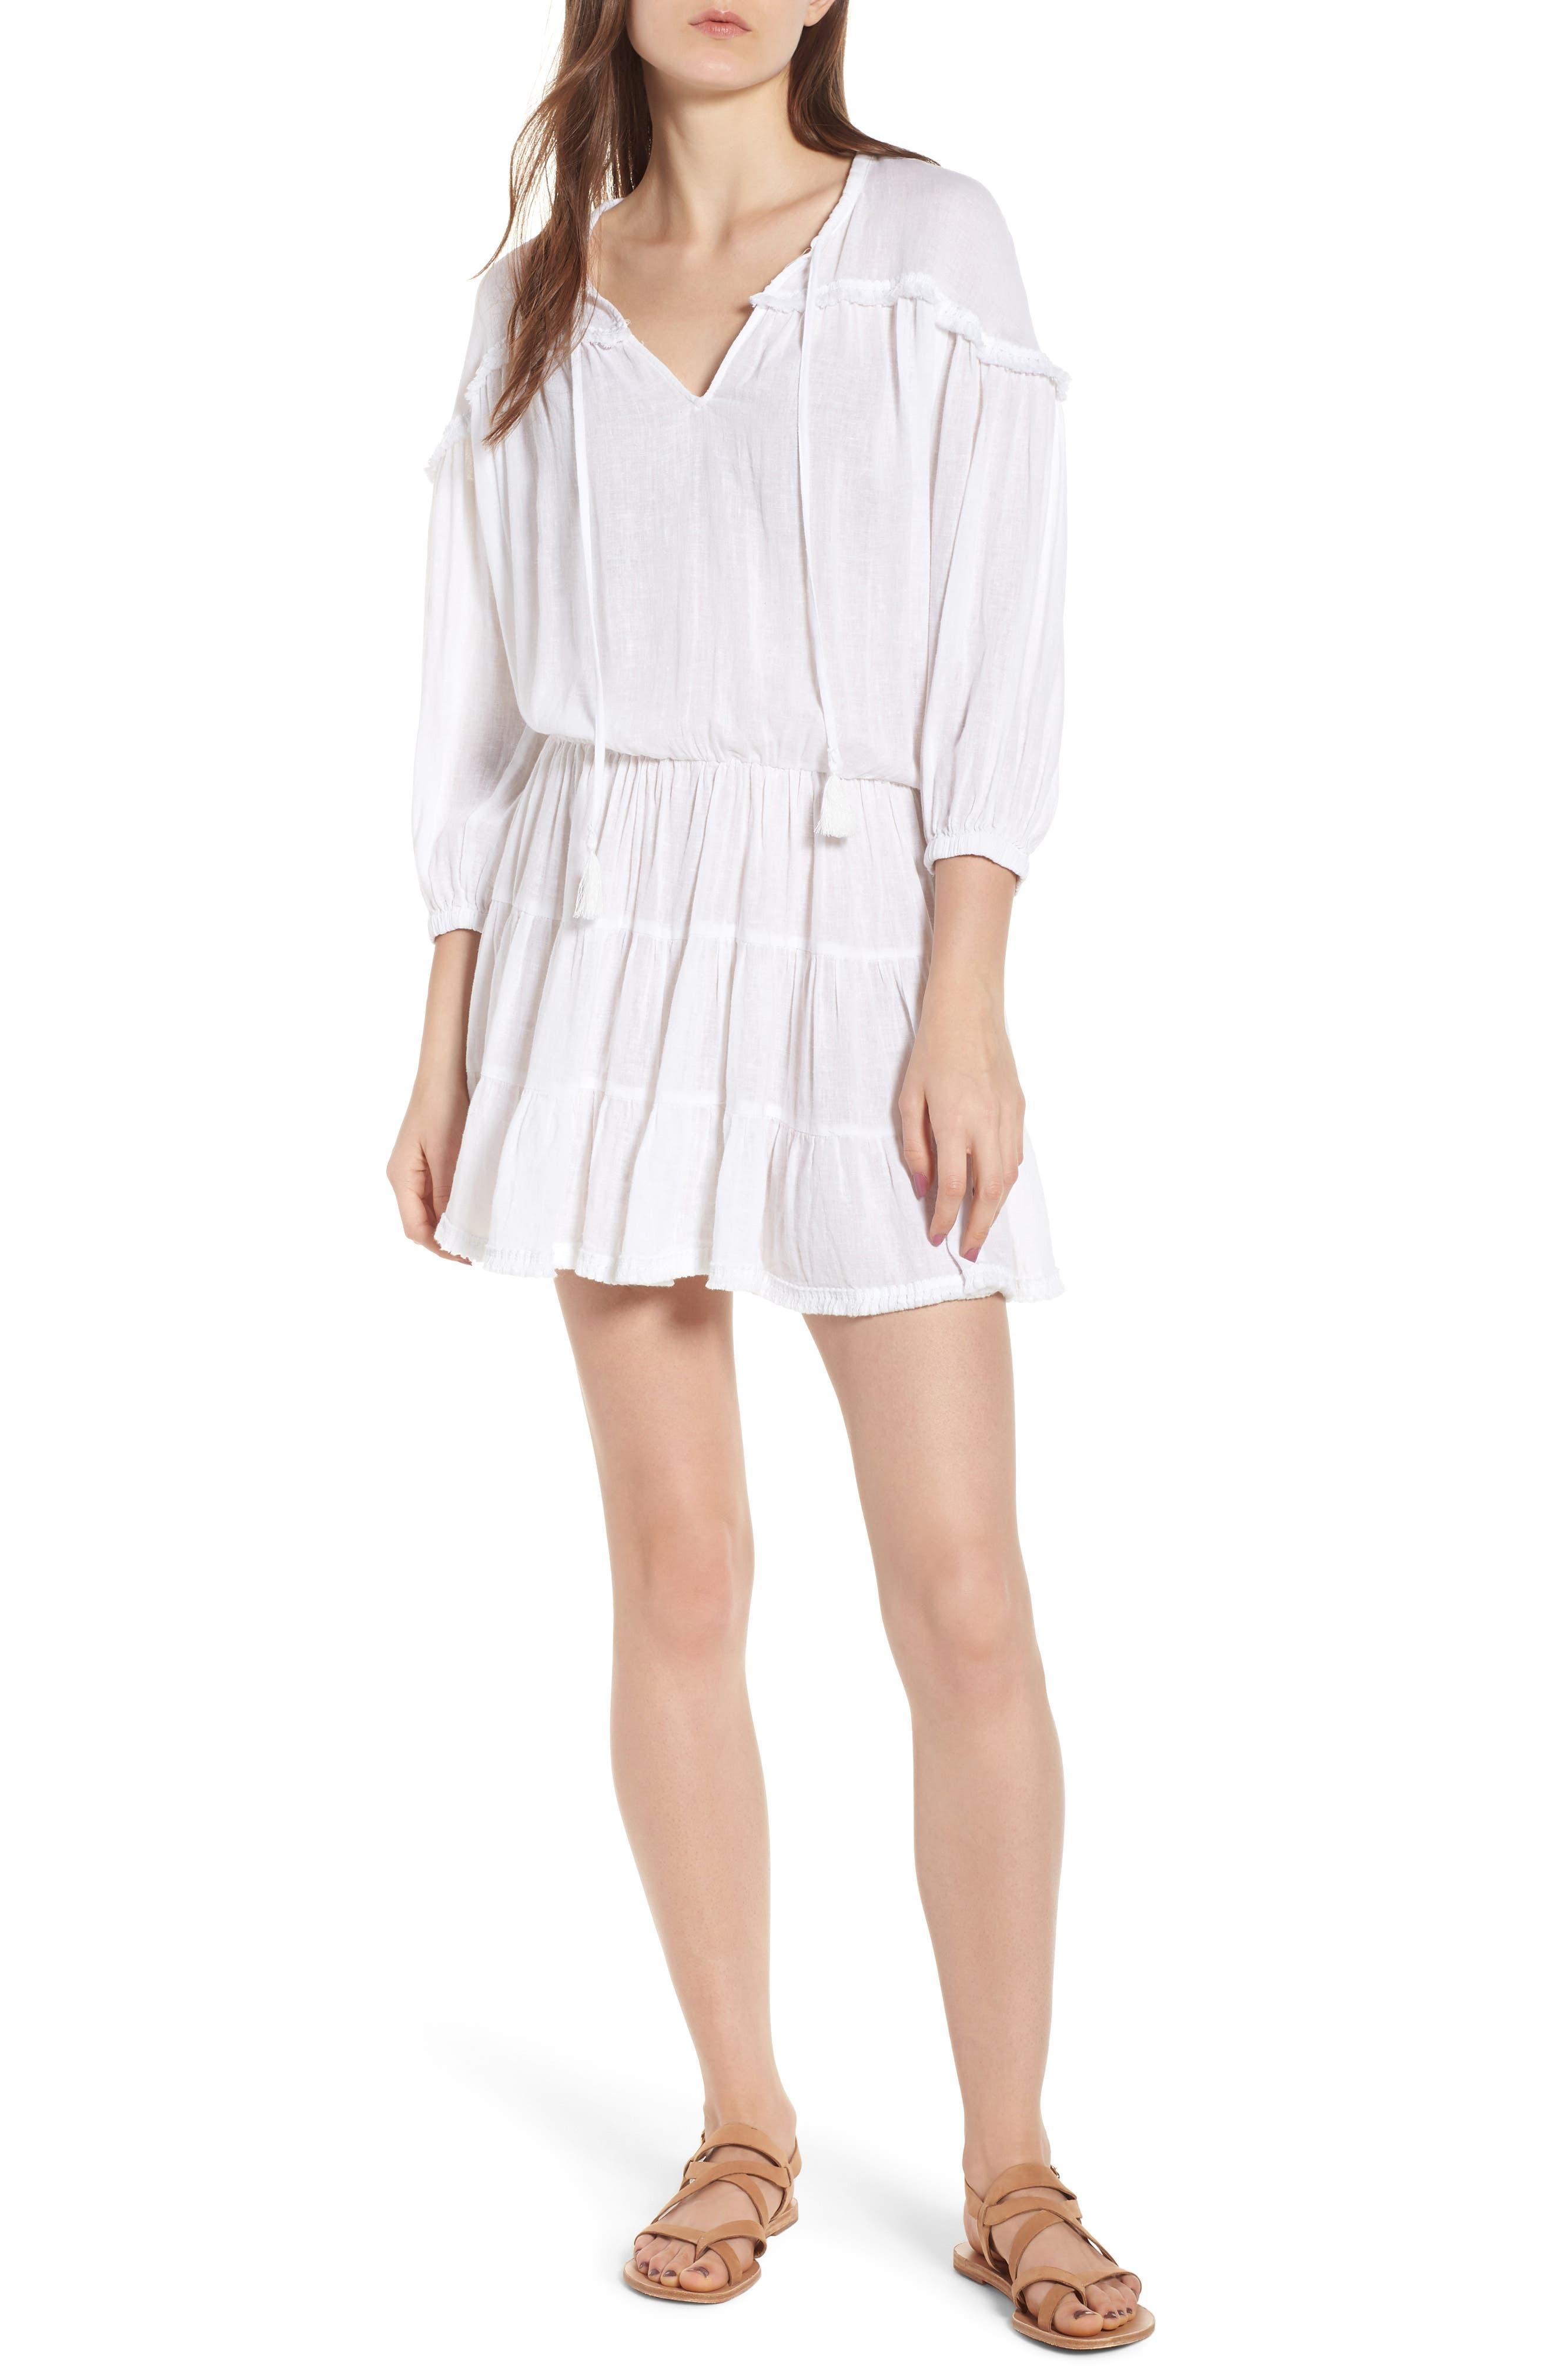 Sansa Minidress,                         Main,                         color, White